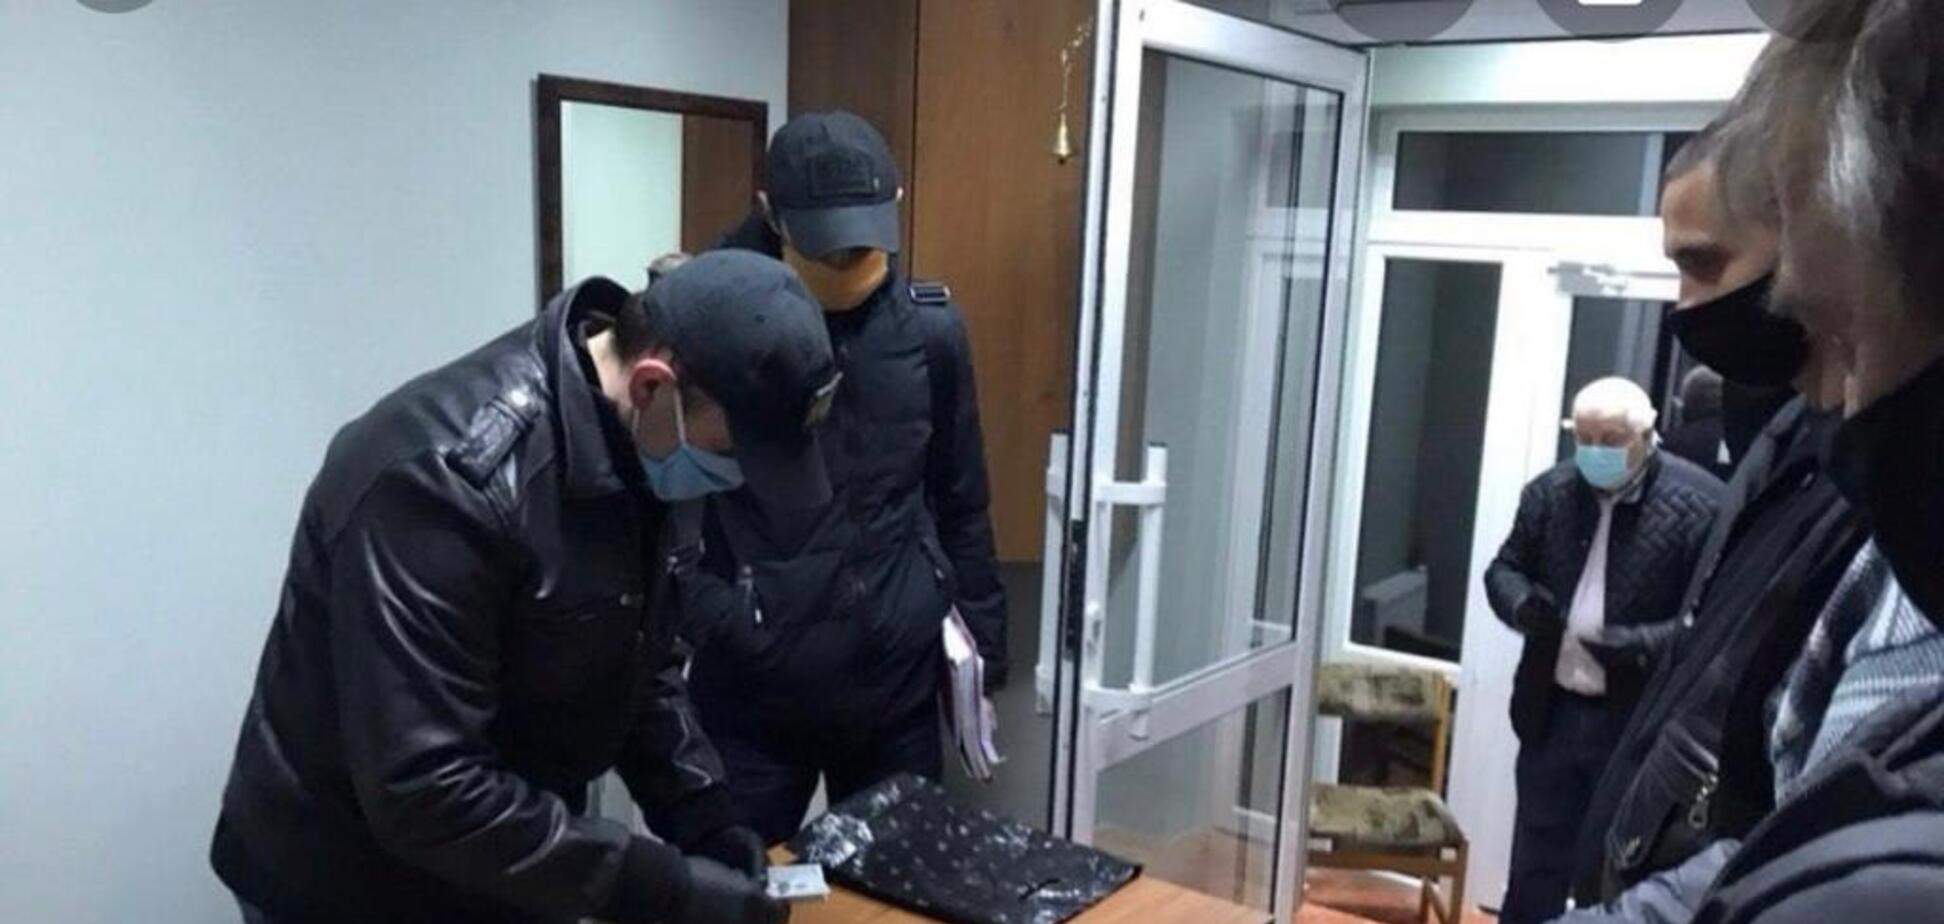 Попавшийся на взятке сотрудник ГФС может вернуться на службу–СМИ